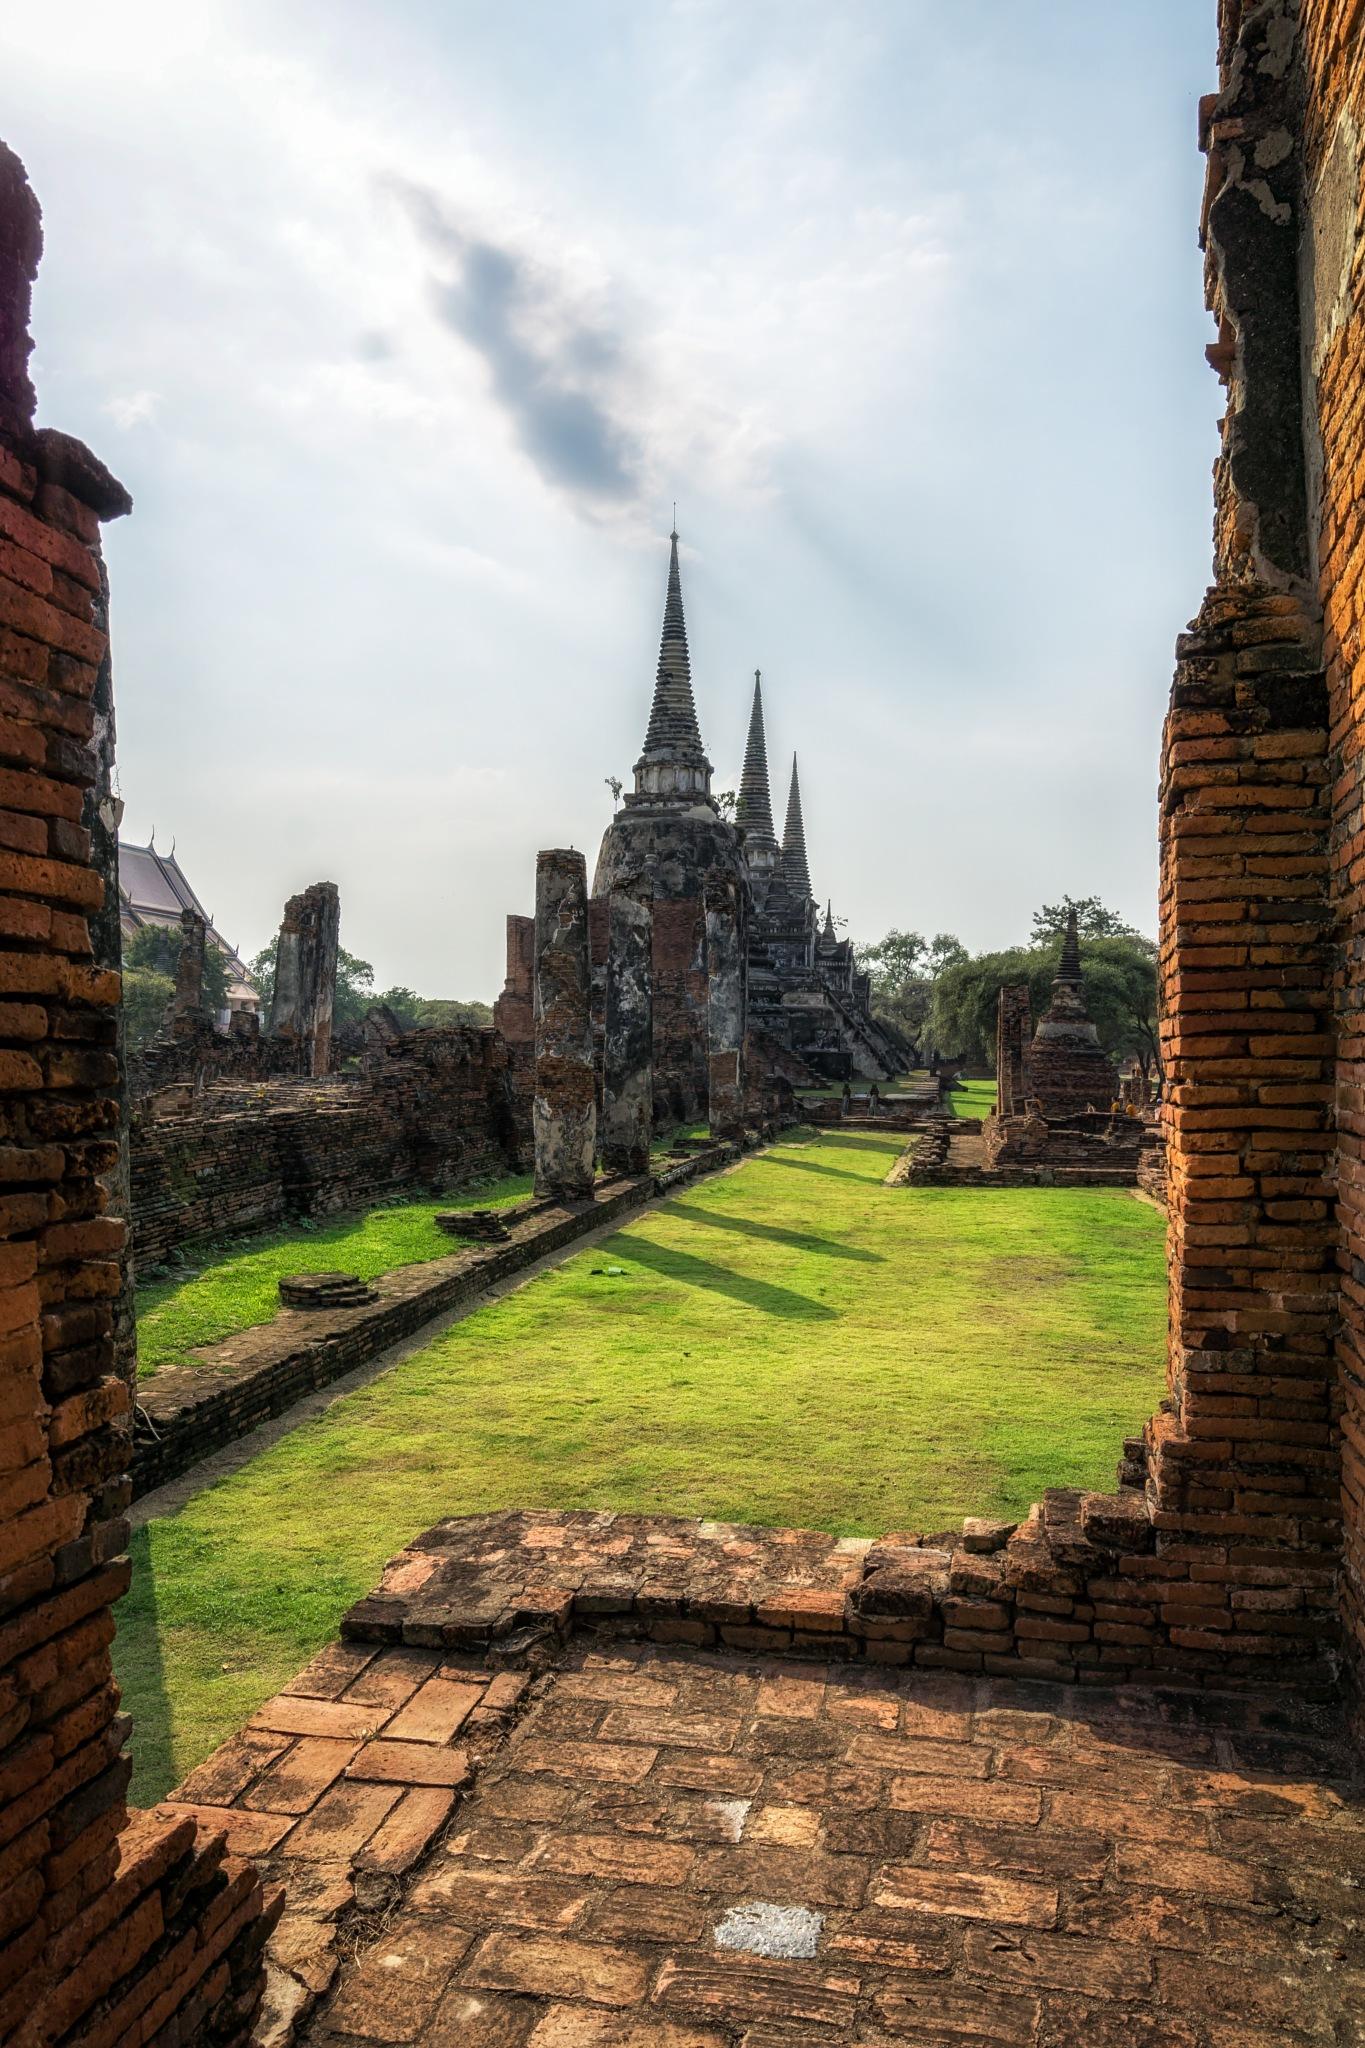 Wat Phra Si Sanphet by Aaron Choi